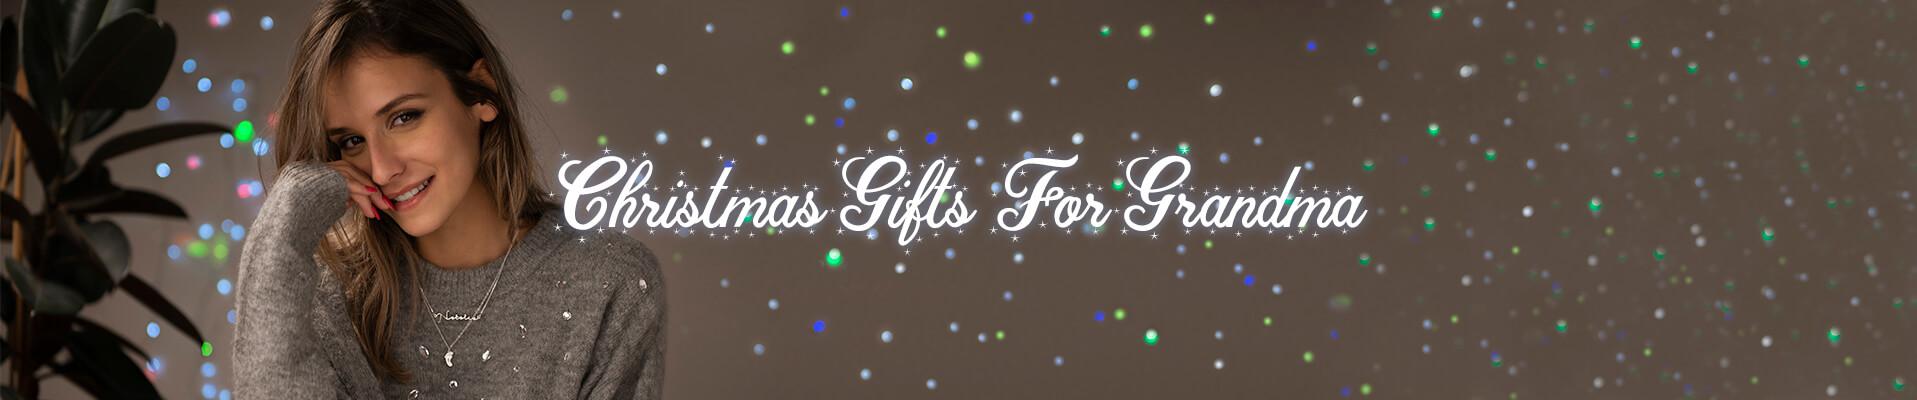 Christmas gifts for grandma new